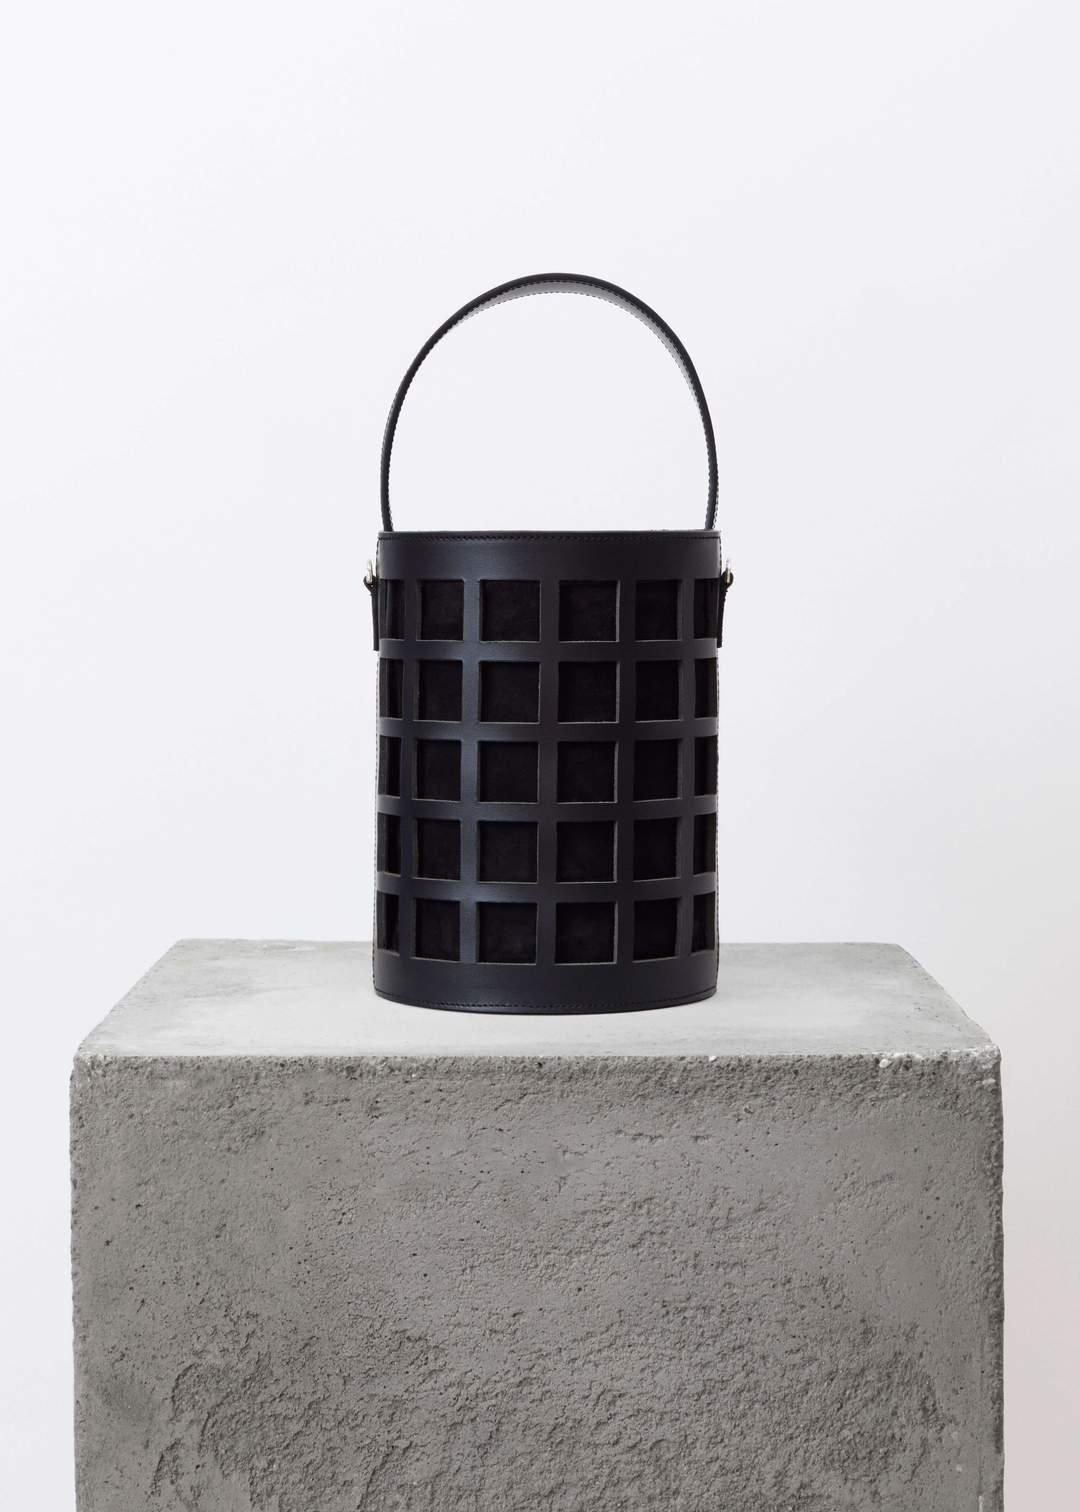 Product Image for Basket Bag, Noir